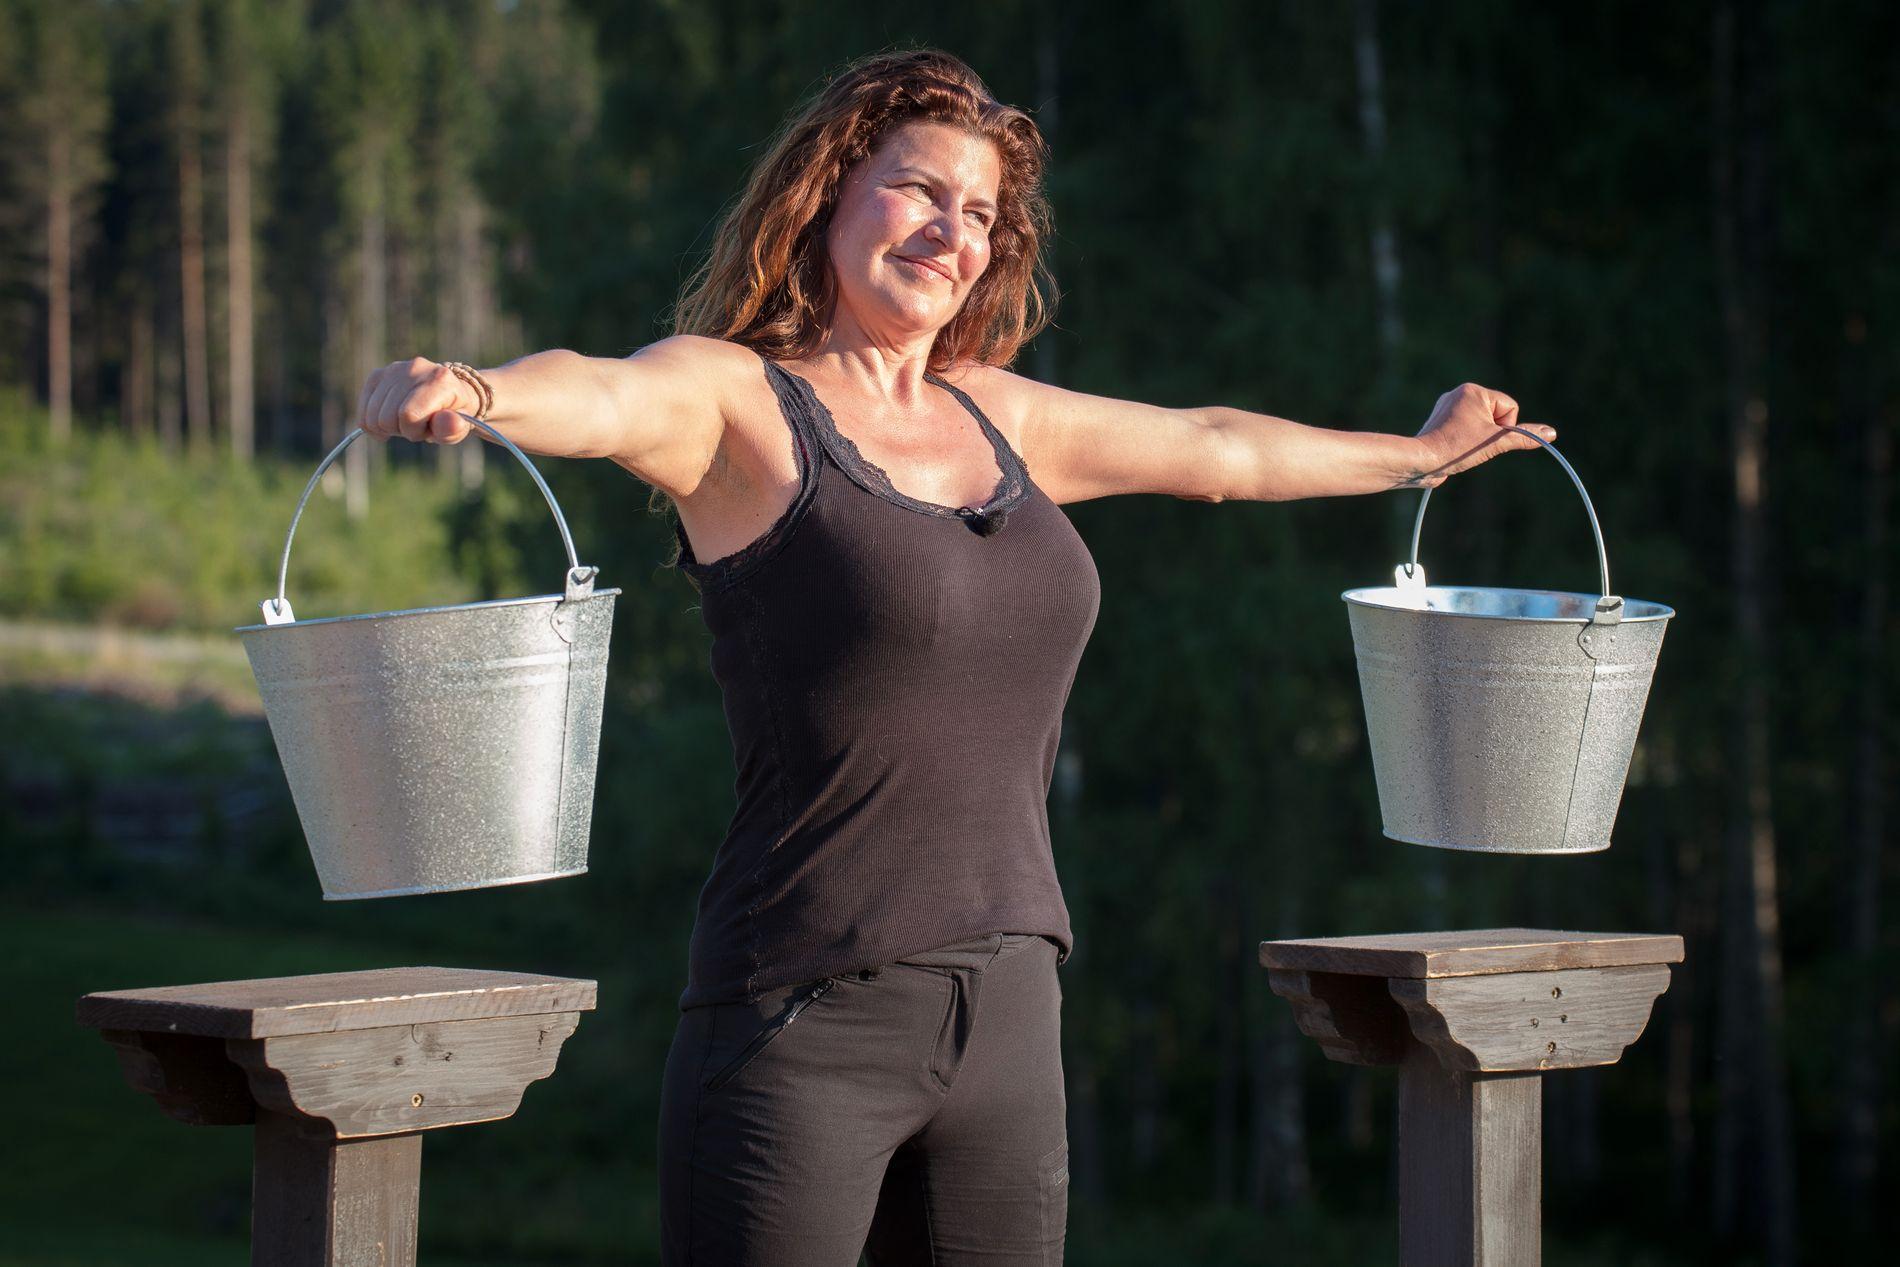 TAPTE I MELKESPANN: Donna Ioanna måtte seg seg slått i melkespann-holding  i søndagens episode av «Farmen kjendis».